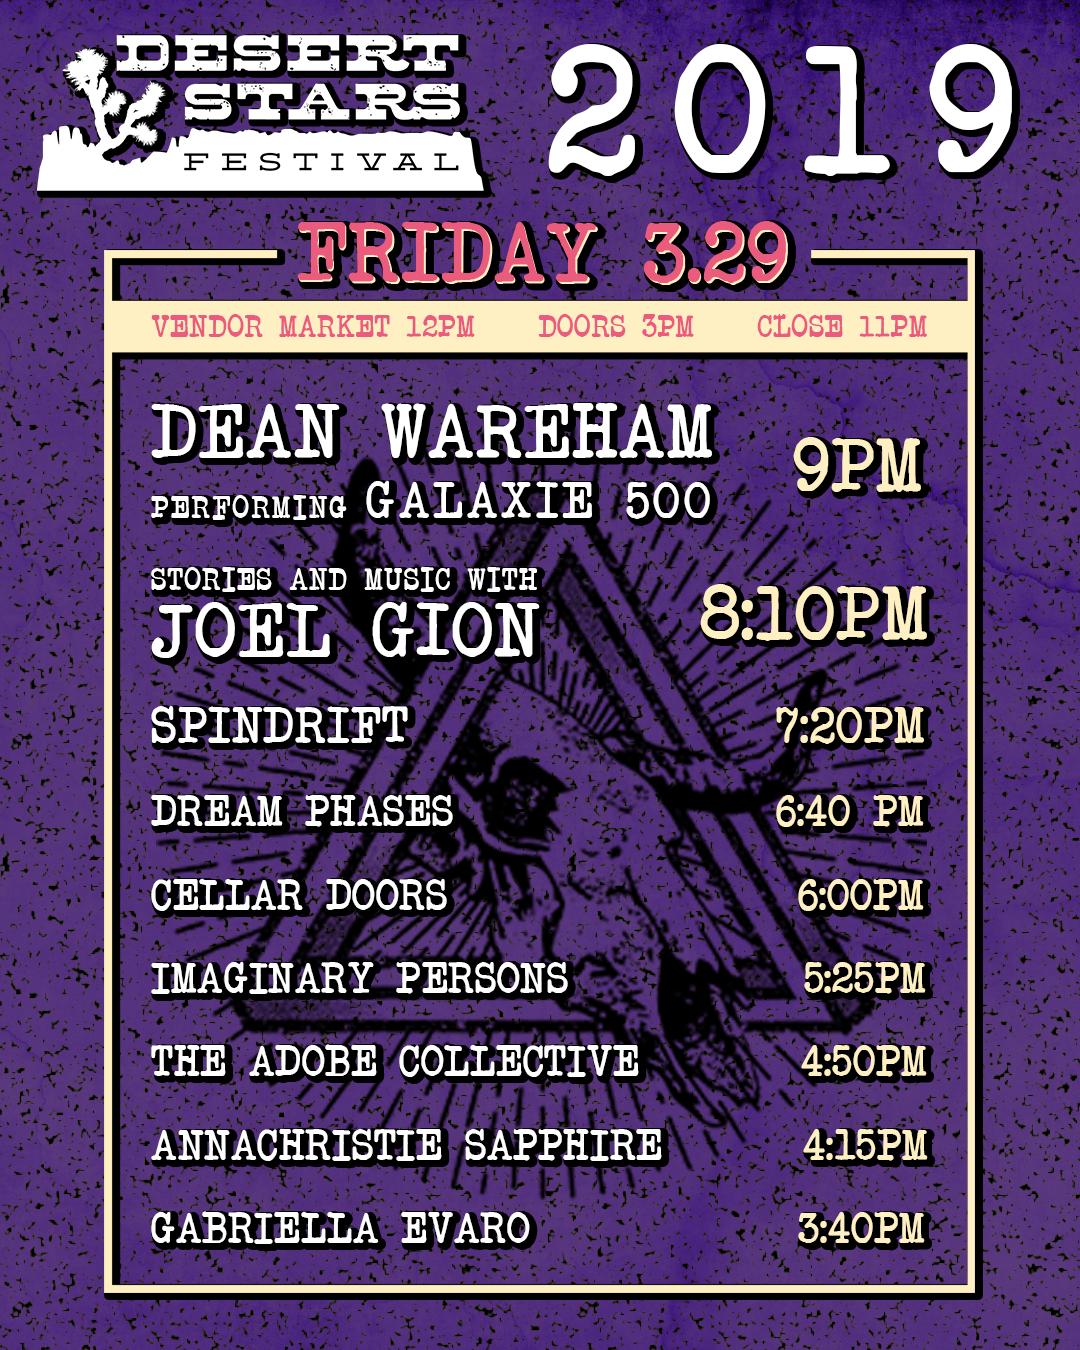 Desert Stars Schedule Friday 3-29